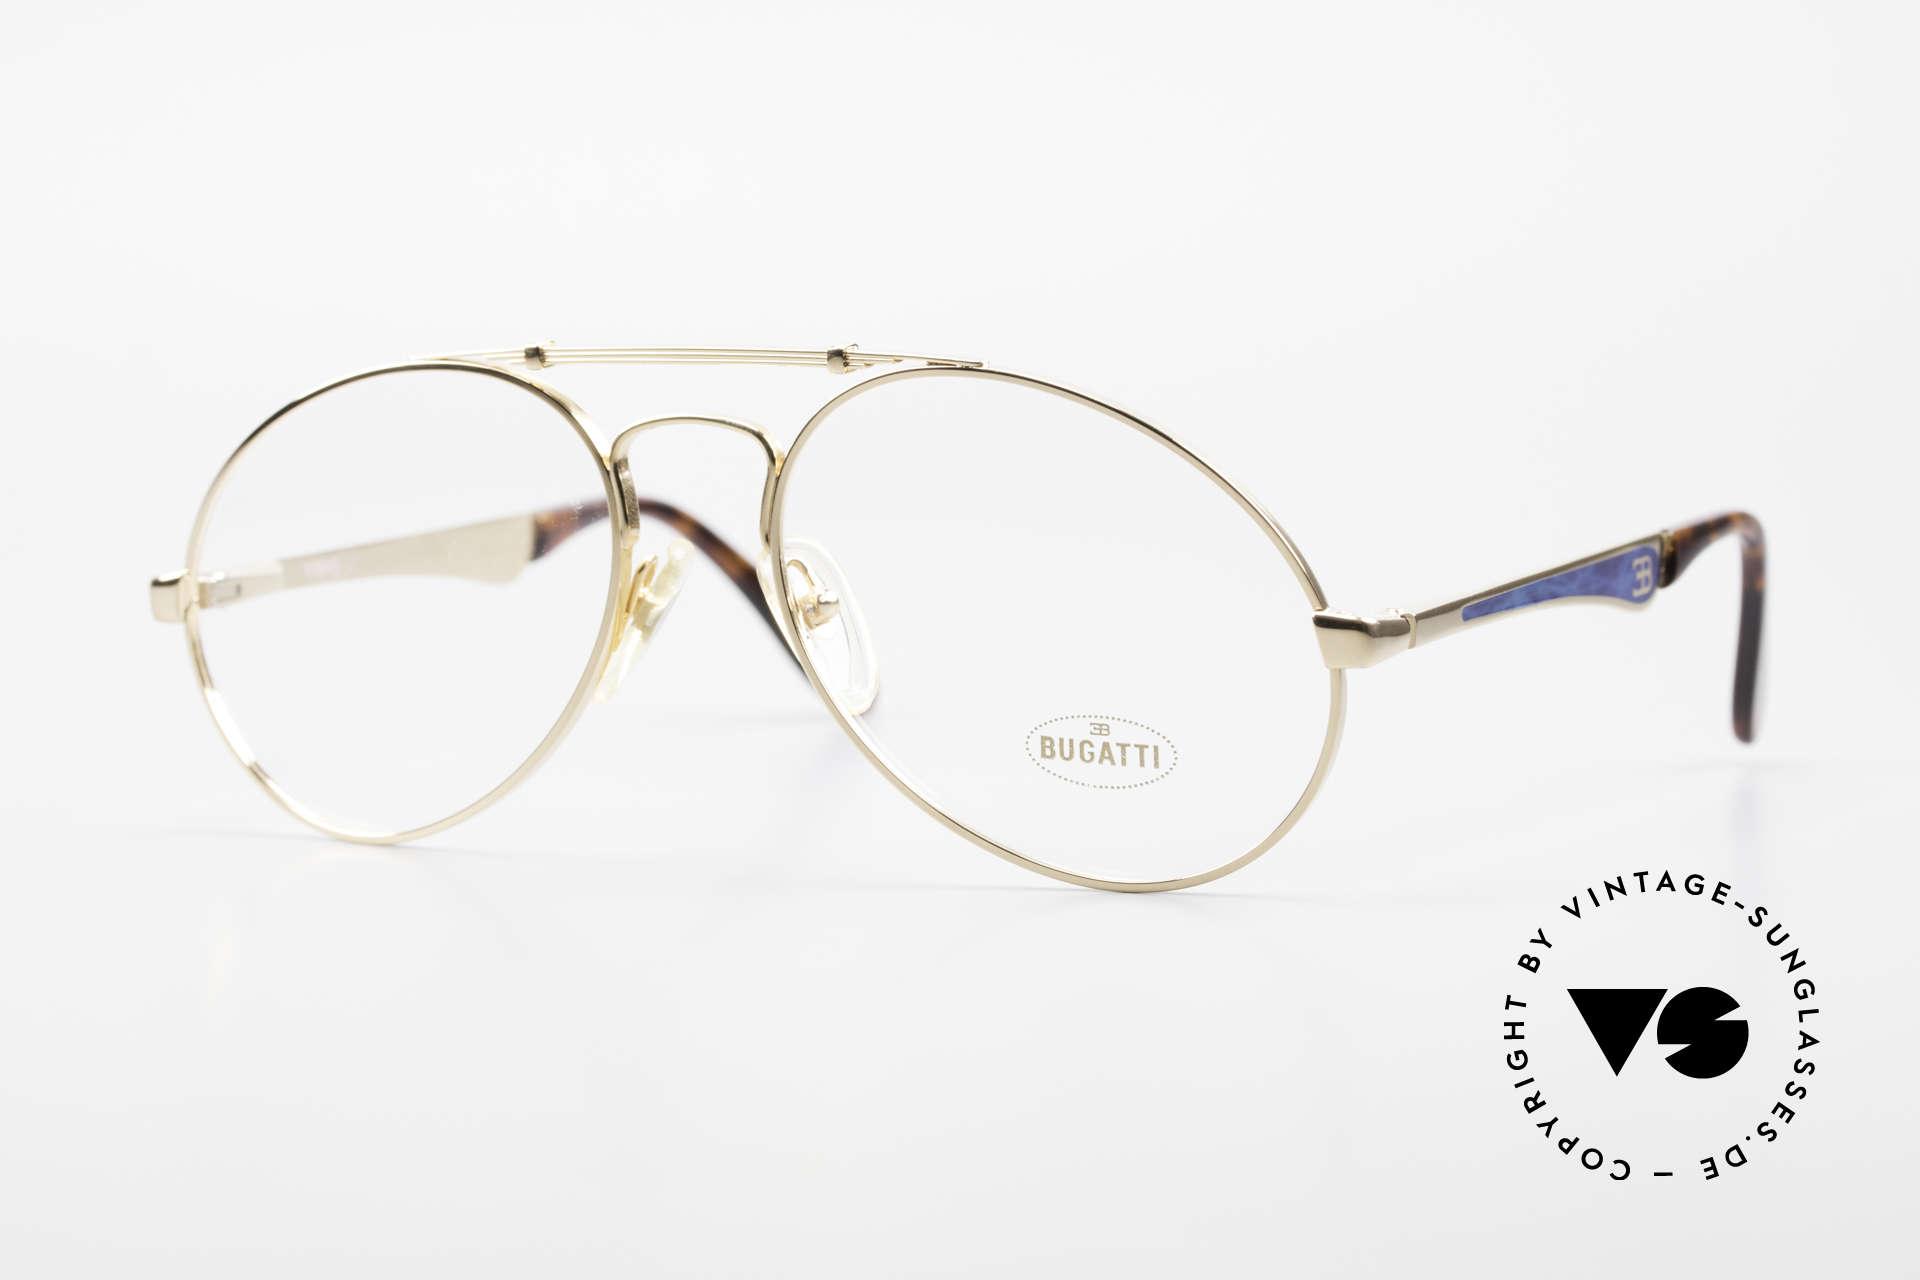 Bugatti 11945 80er Herren Luxus Brille Large, 80er vintage Herren-Brillenfassung, LARGE 56/18, Passend für Herren